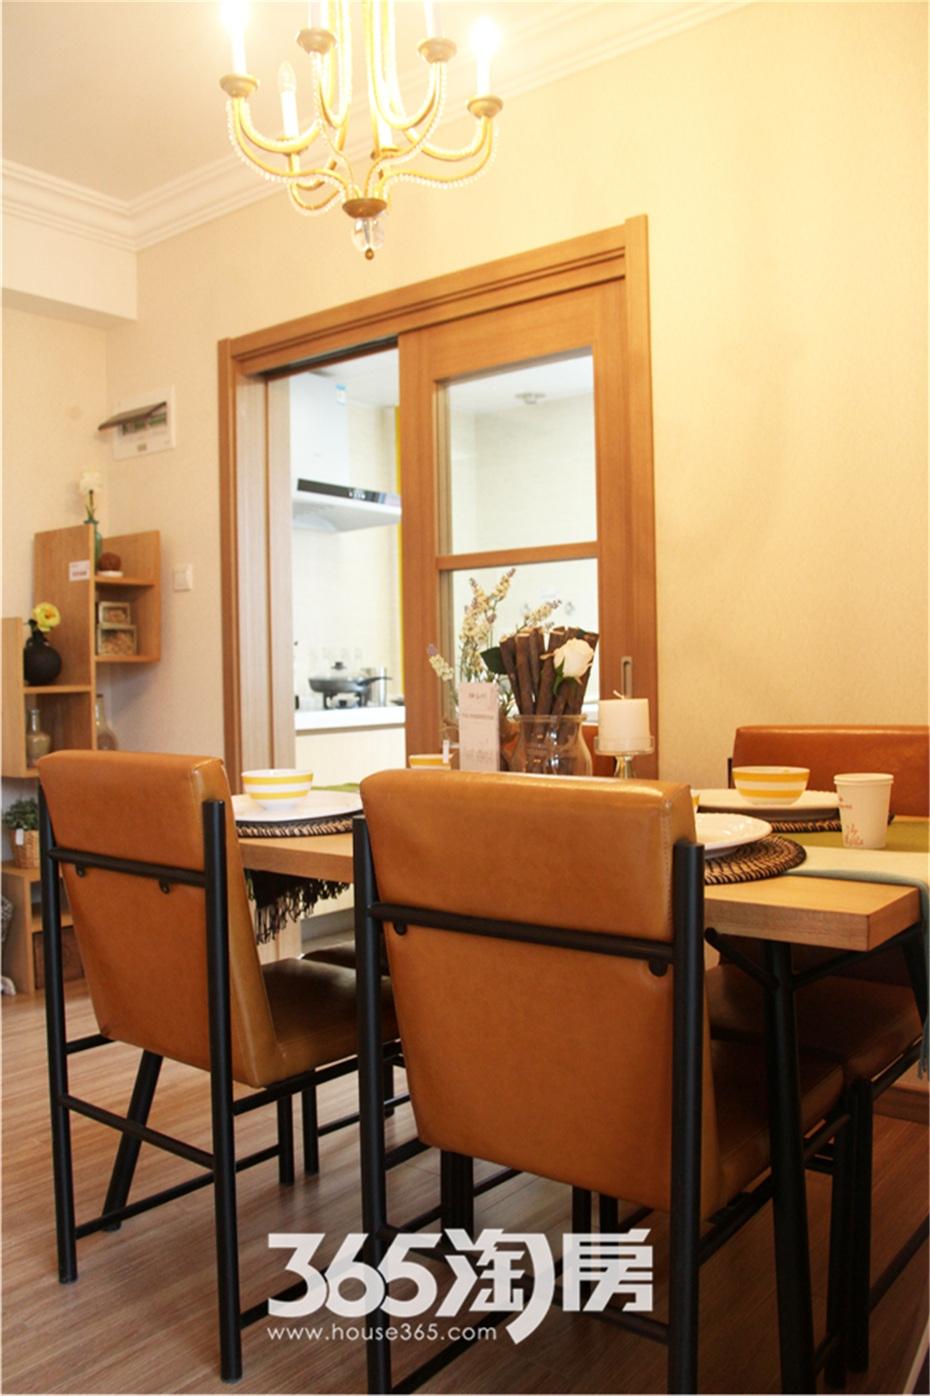 万科海上传奇16#楼A1户型97平样板房—餐厅